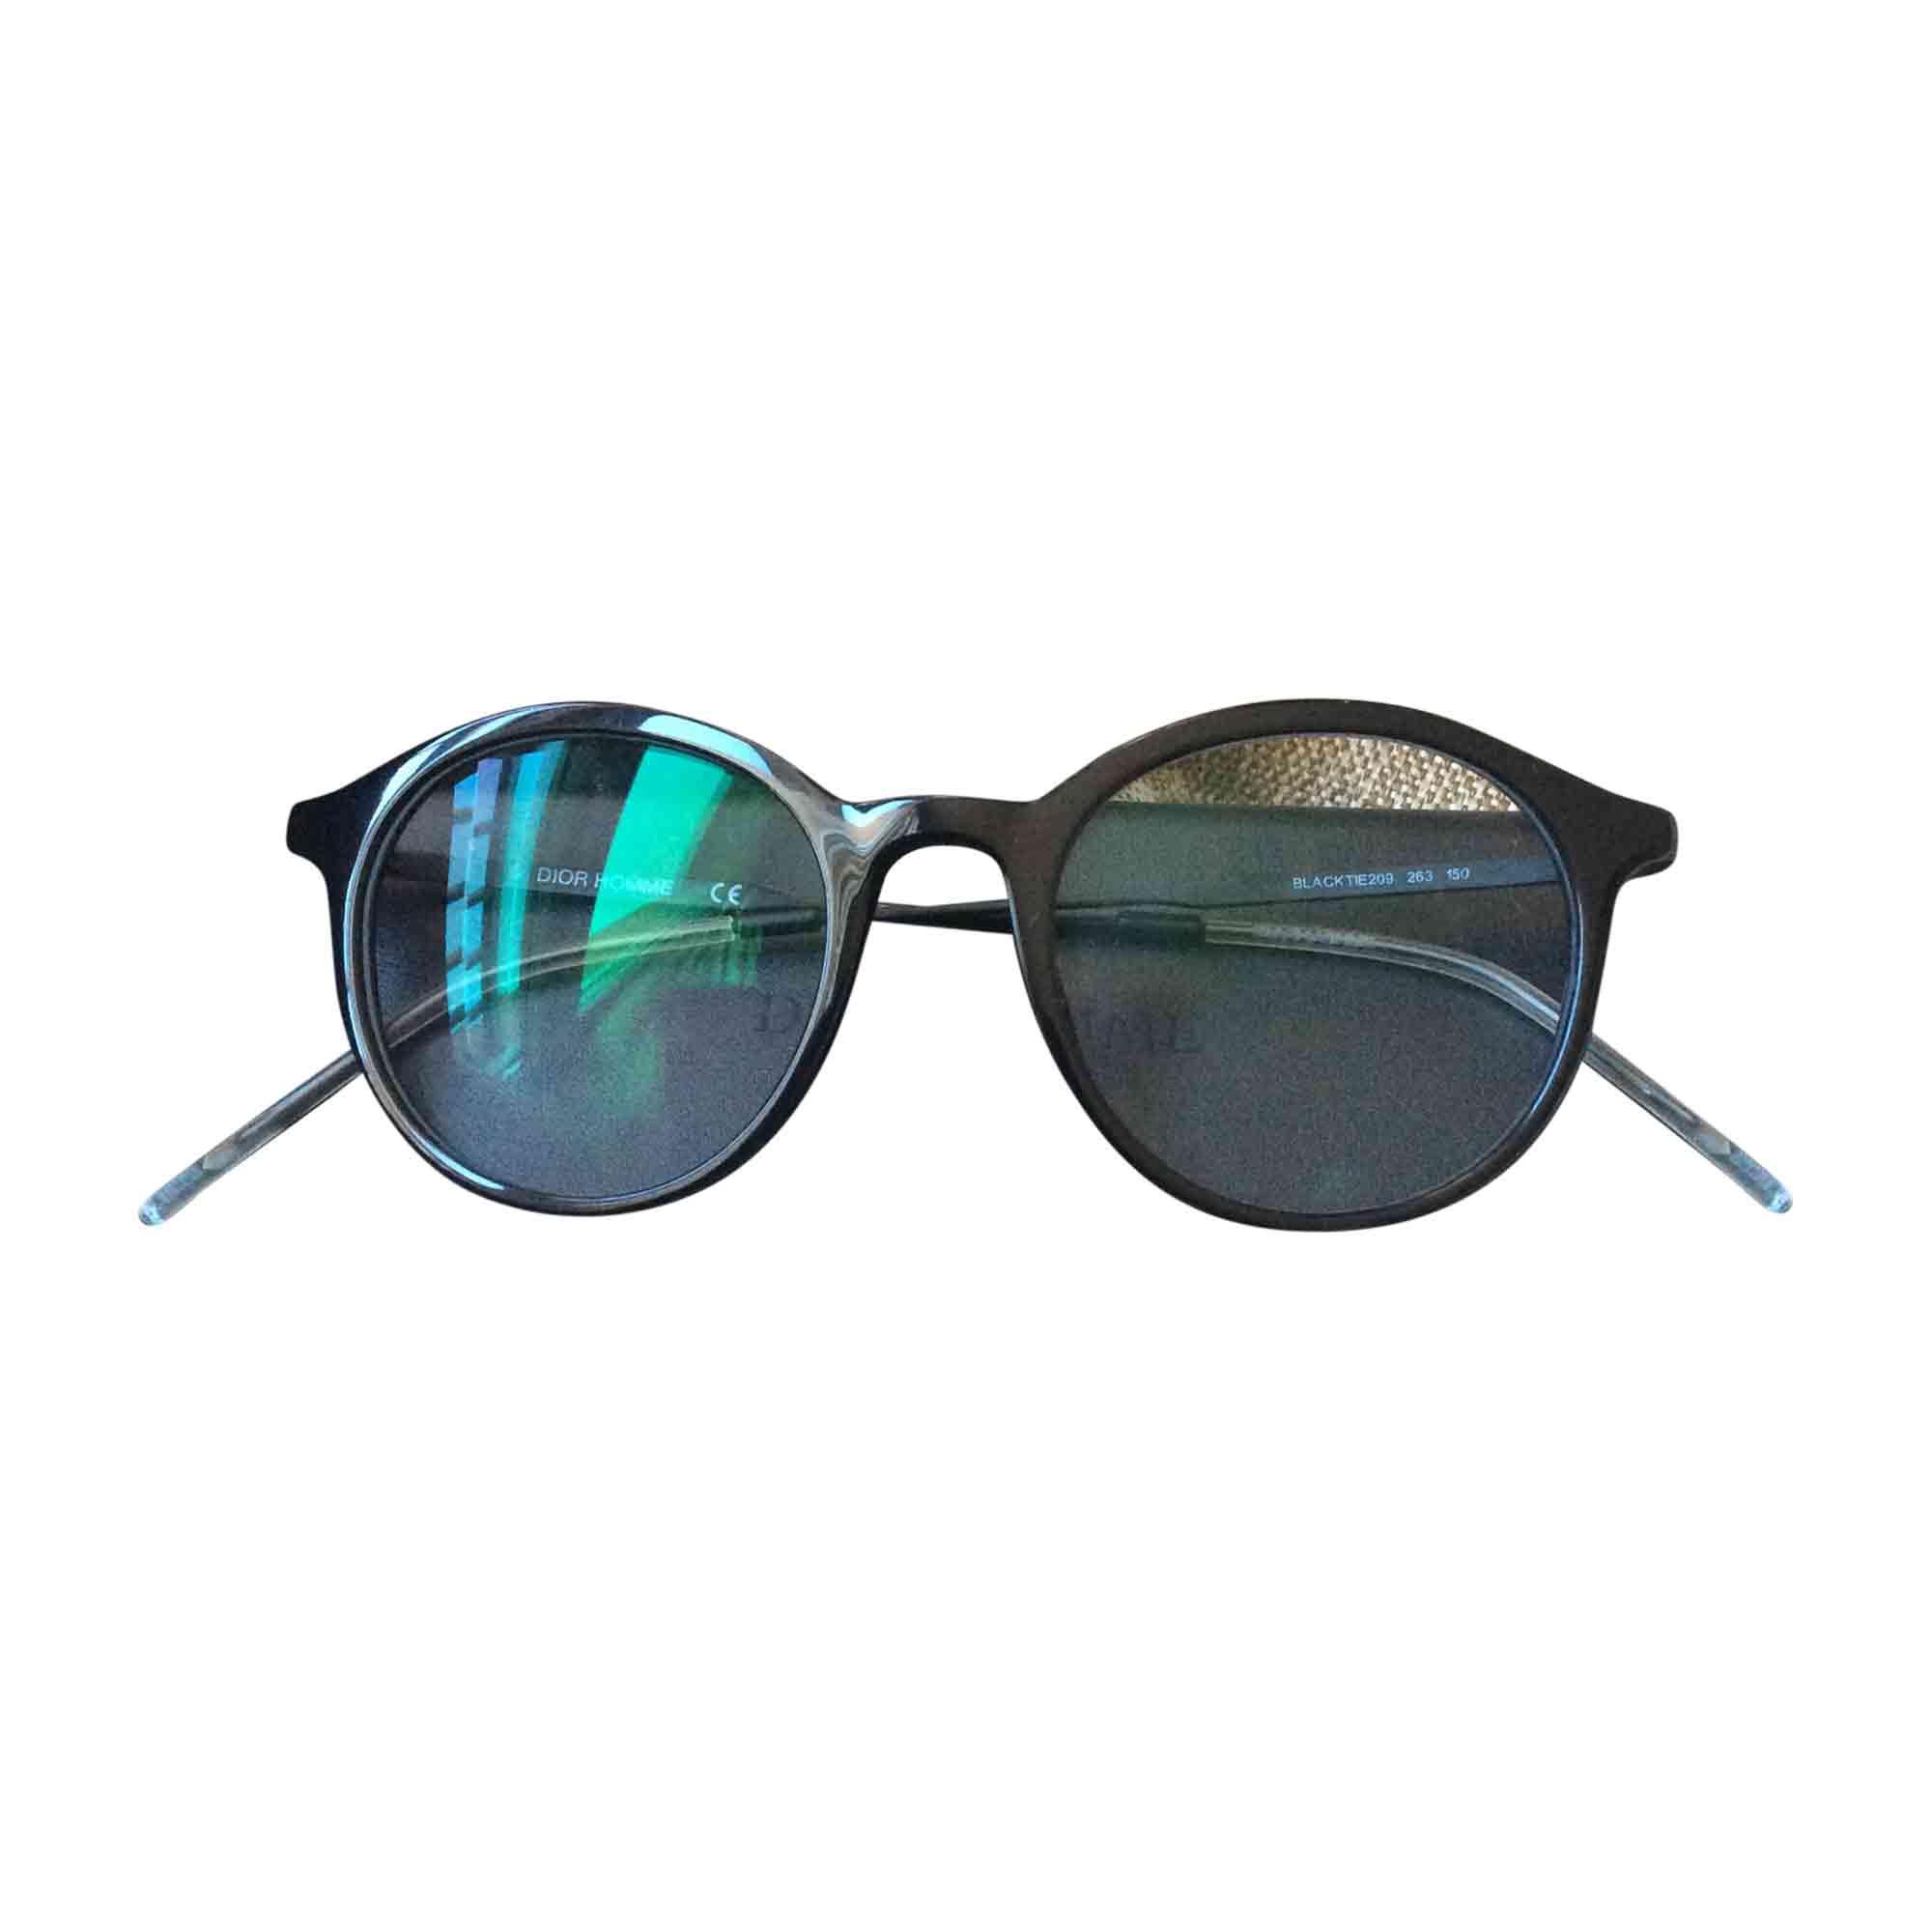 af35e784e6ab8 Monture de lunettes DIOR HOMME noir - 7329868